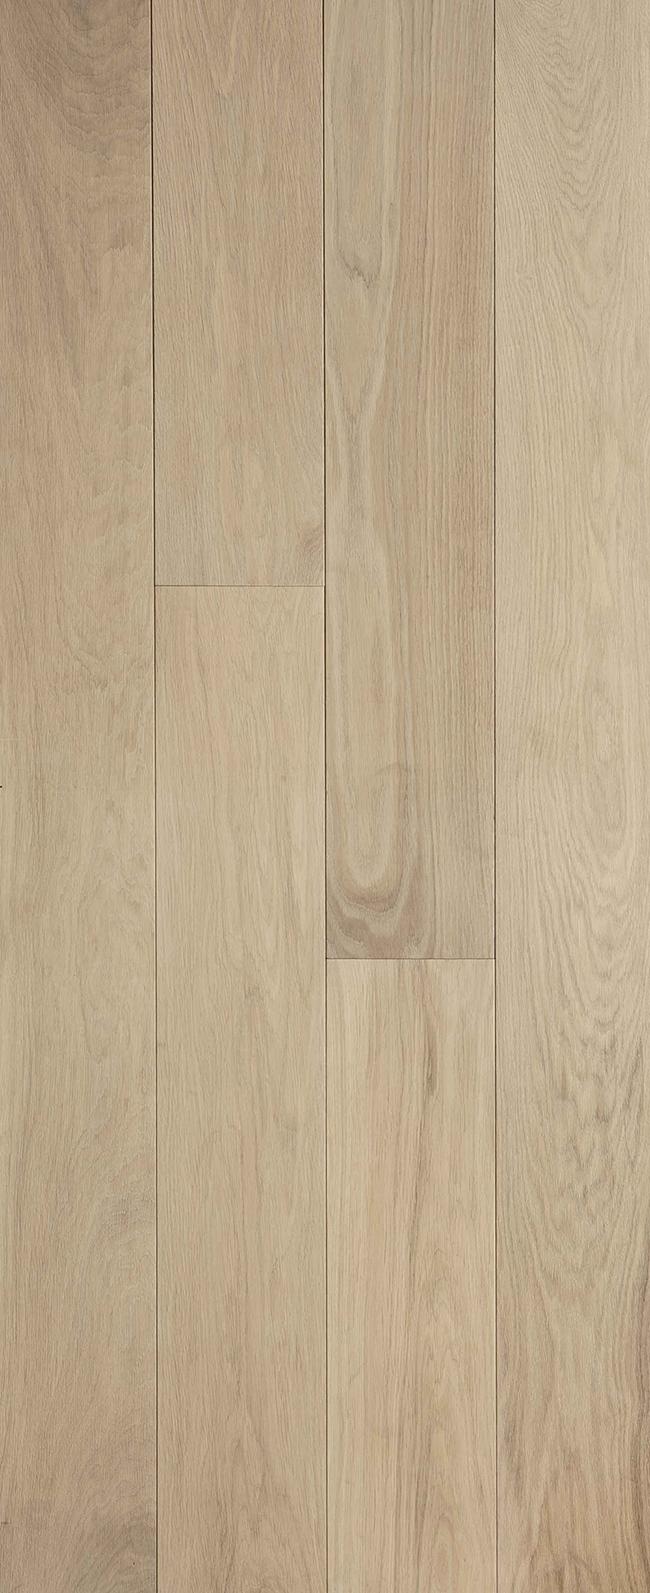 LATTE Engineered Prime Oak.jpg